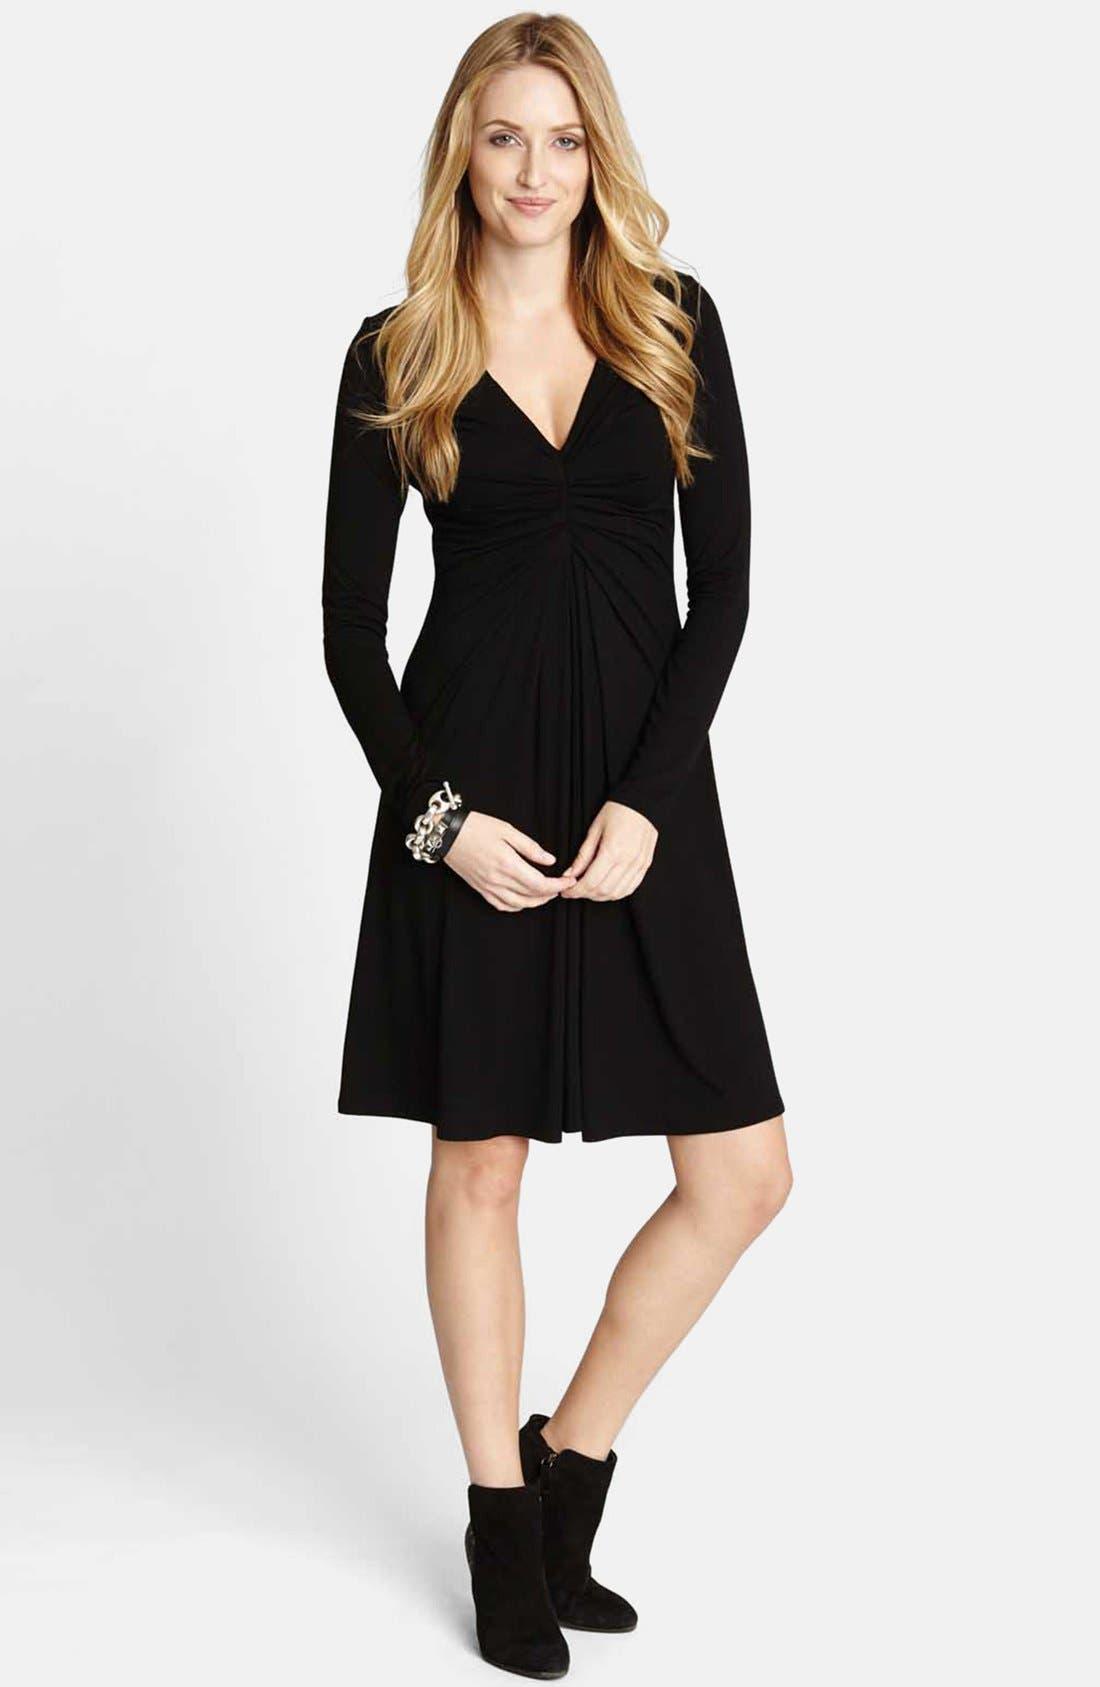 Main Image - Karen Kane 'Elizabeth' Stretch Fit & Flare Dress